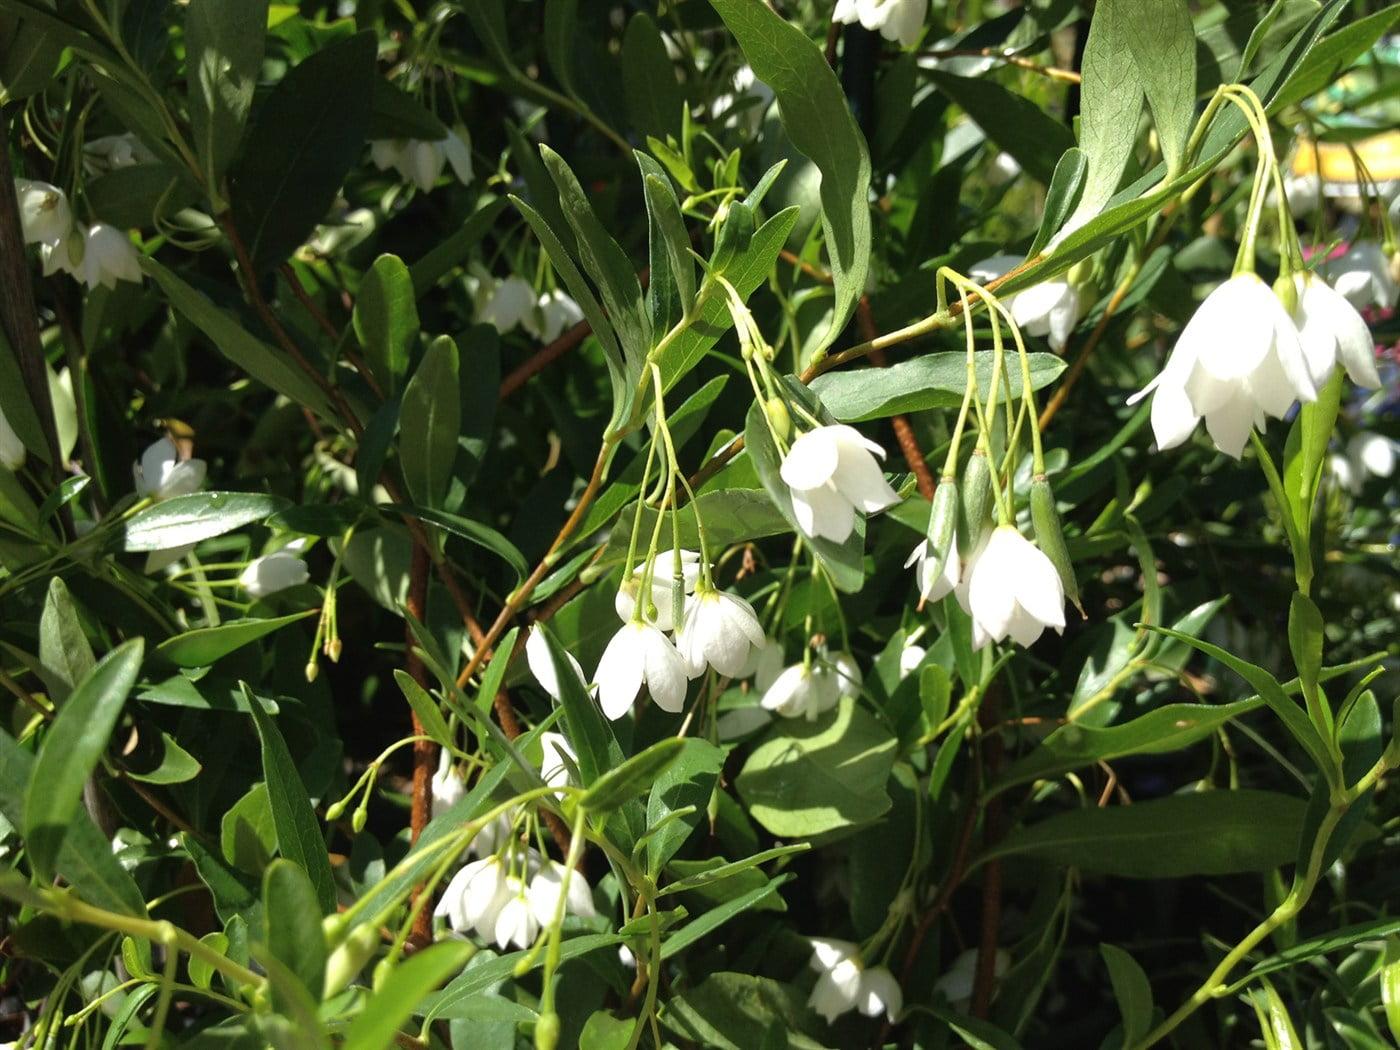 Соллия разнолистная (sollya heterophylla) белая